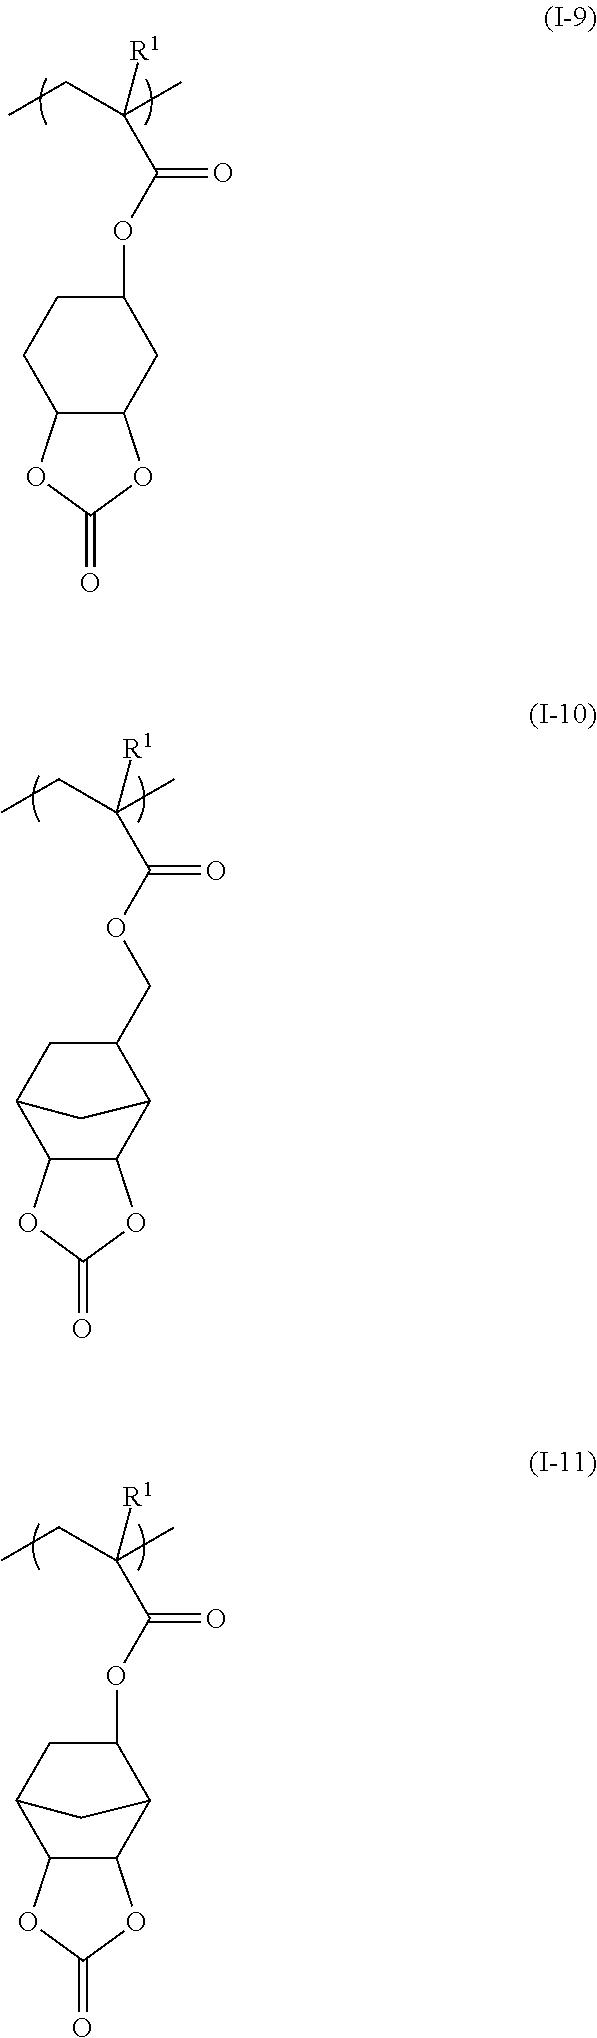 Figure US20120077124A1-20120329-C00010